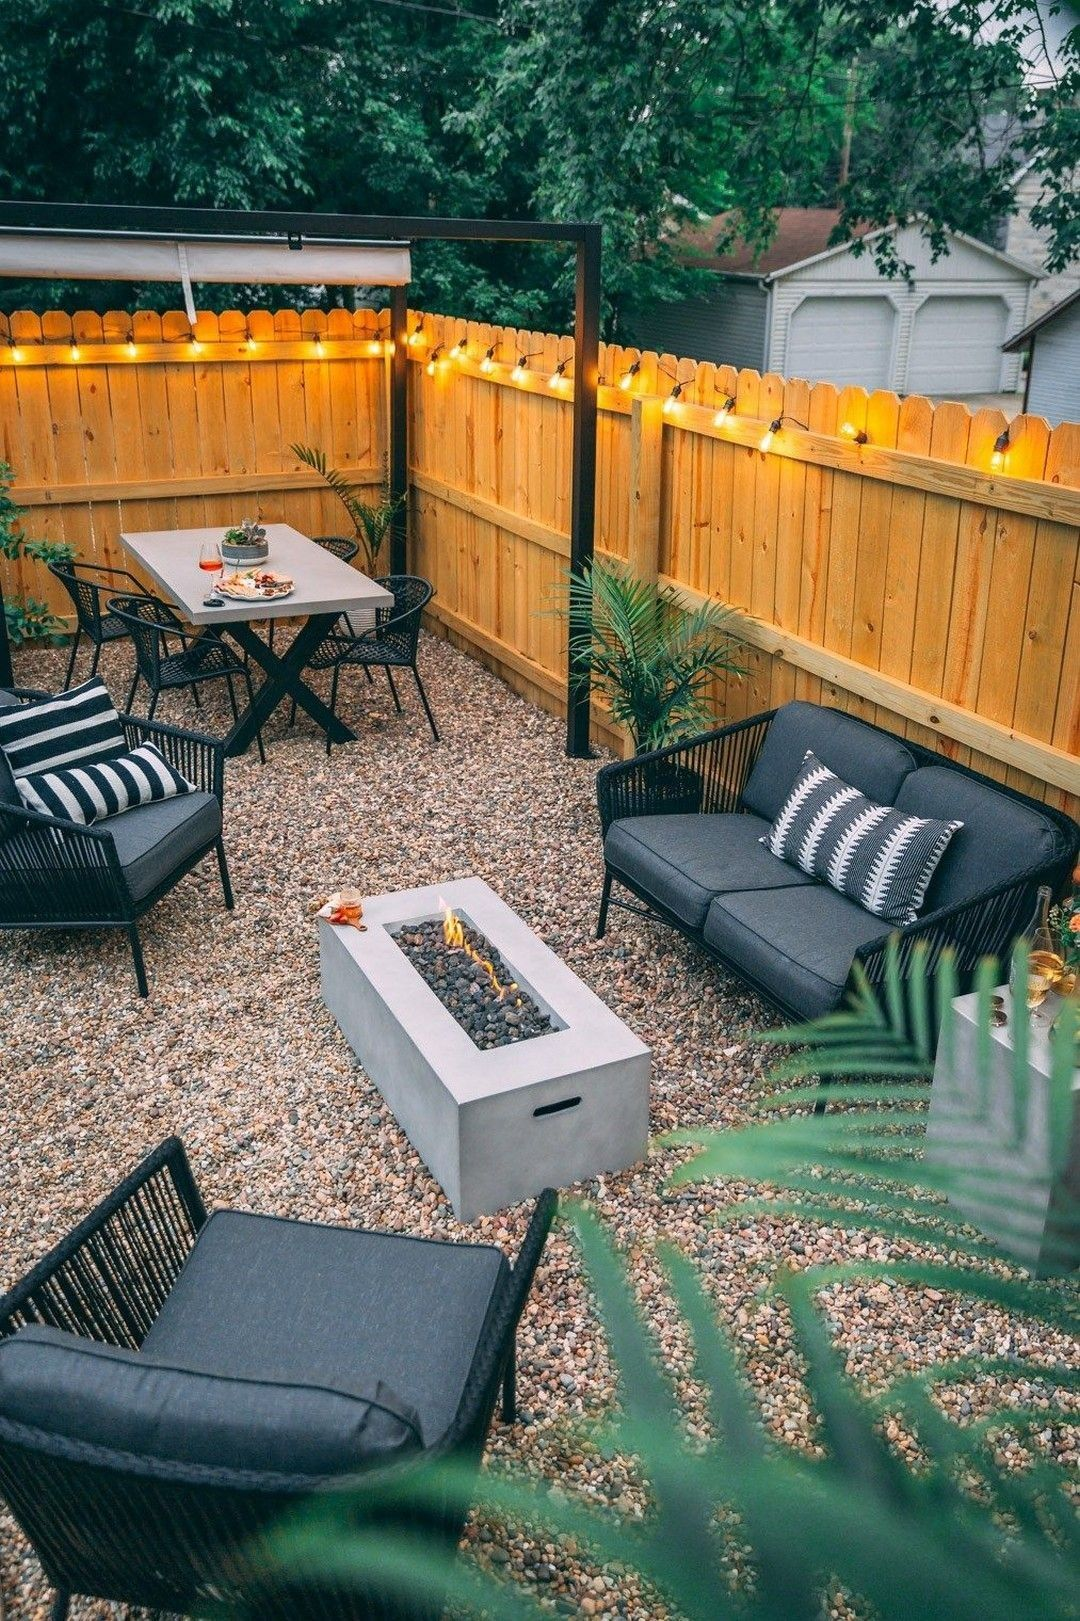 Pin by Nicola Saner on Backyard | Backyard makeover, Small ...